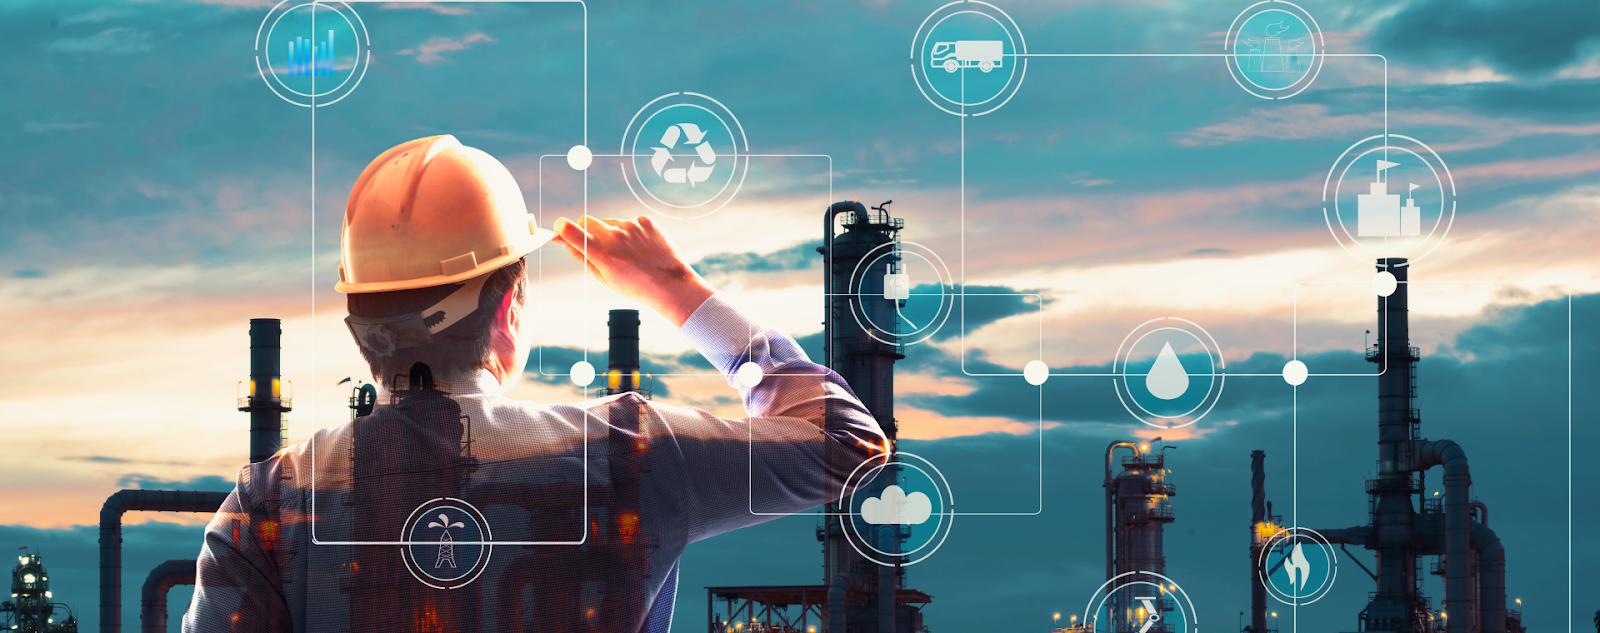 Cantiere 4.0, Al via un percorso formativo per agevolare l'introduzione di tecnologie digitali nel settore dell'edilizia.